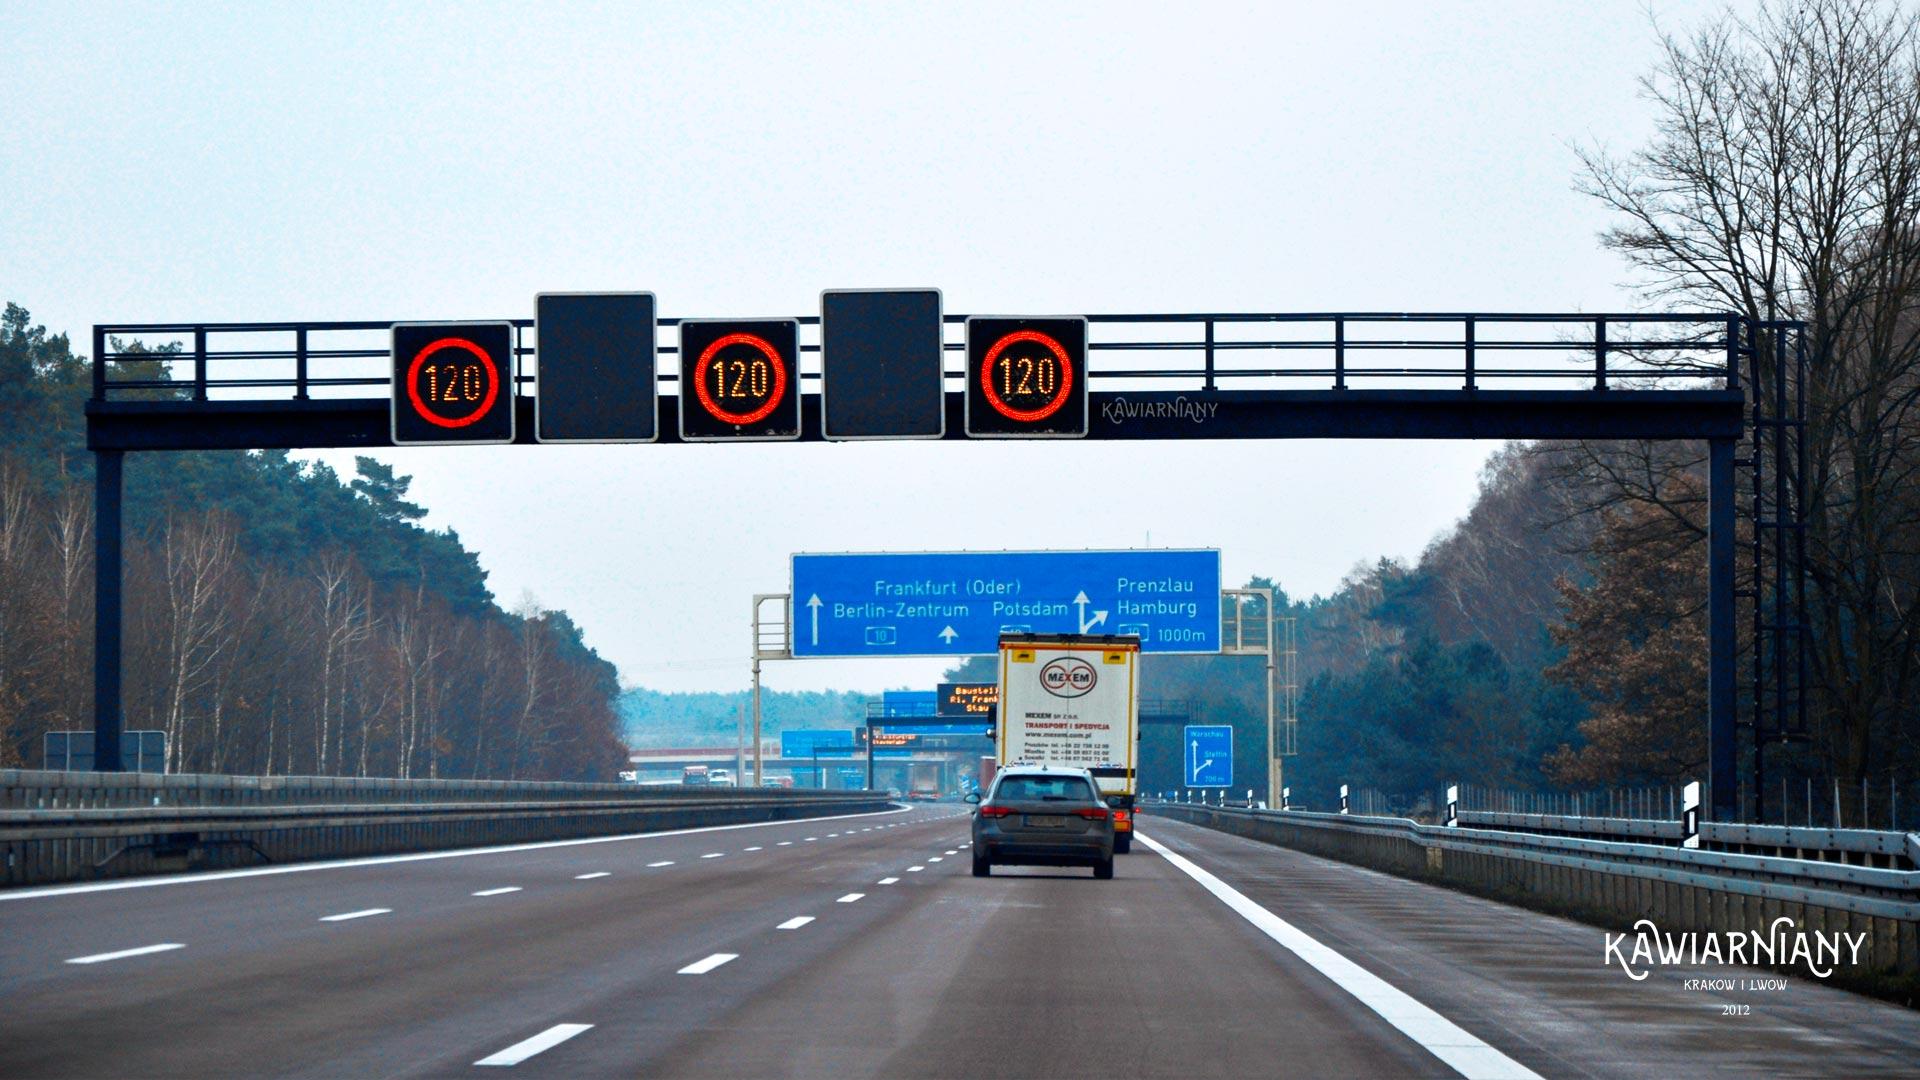 Niemieckie autostrady – zasady, ograniczenia i prędkości, opłaty, porady